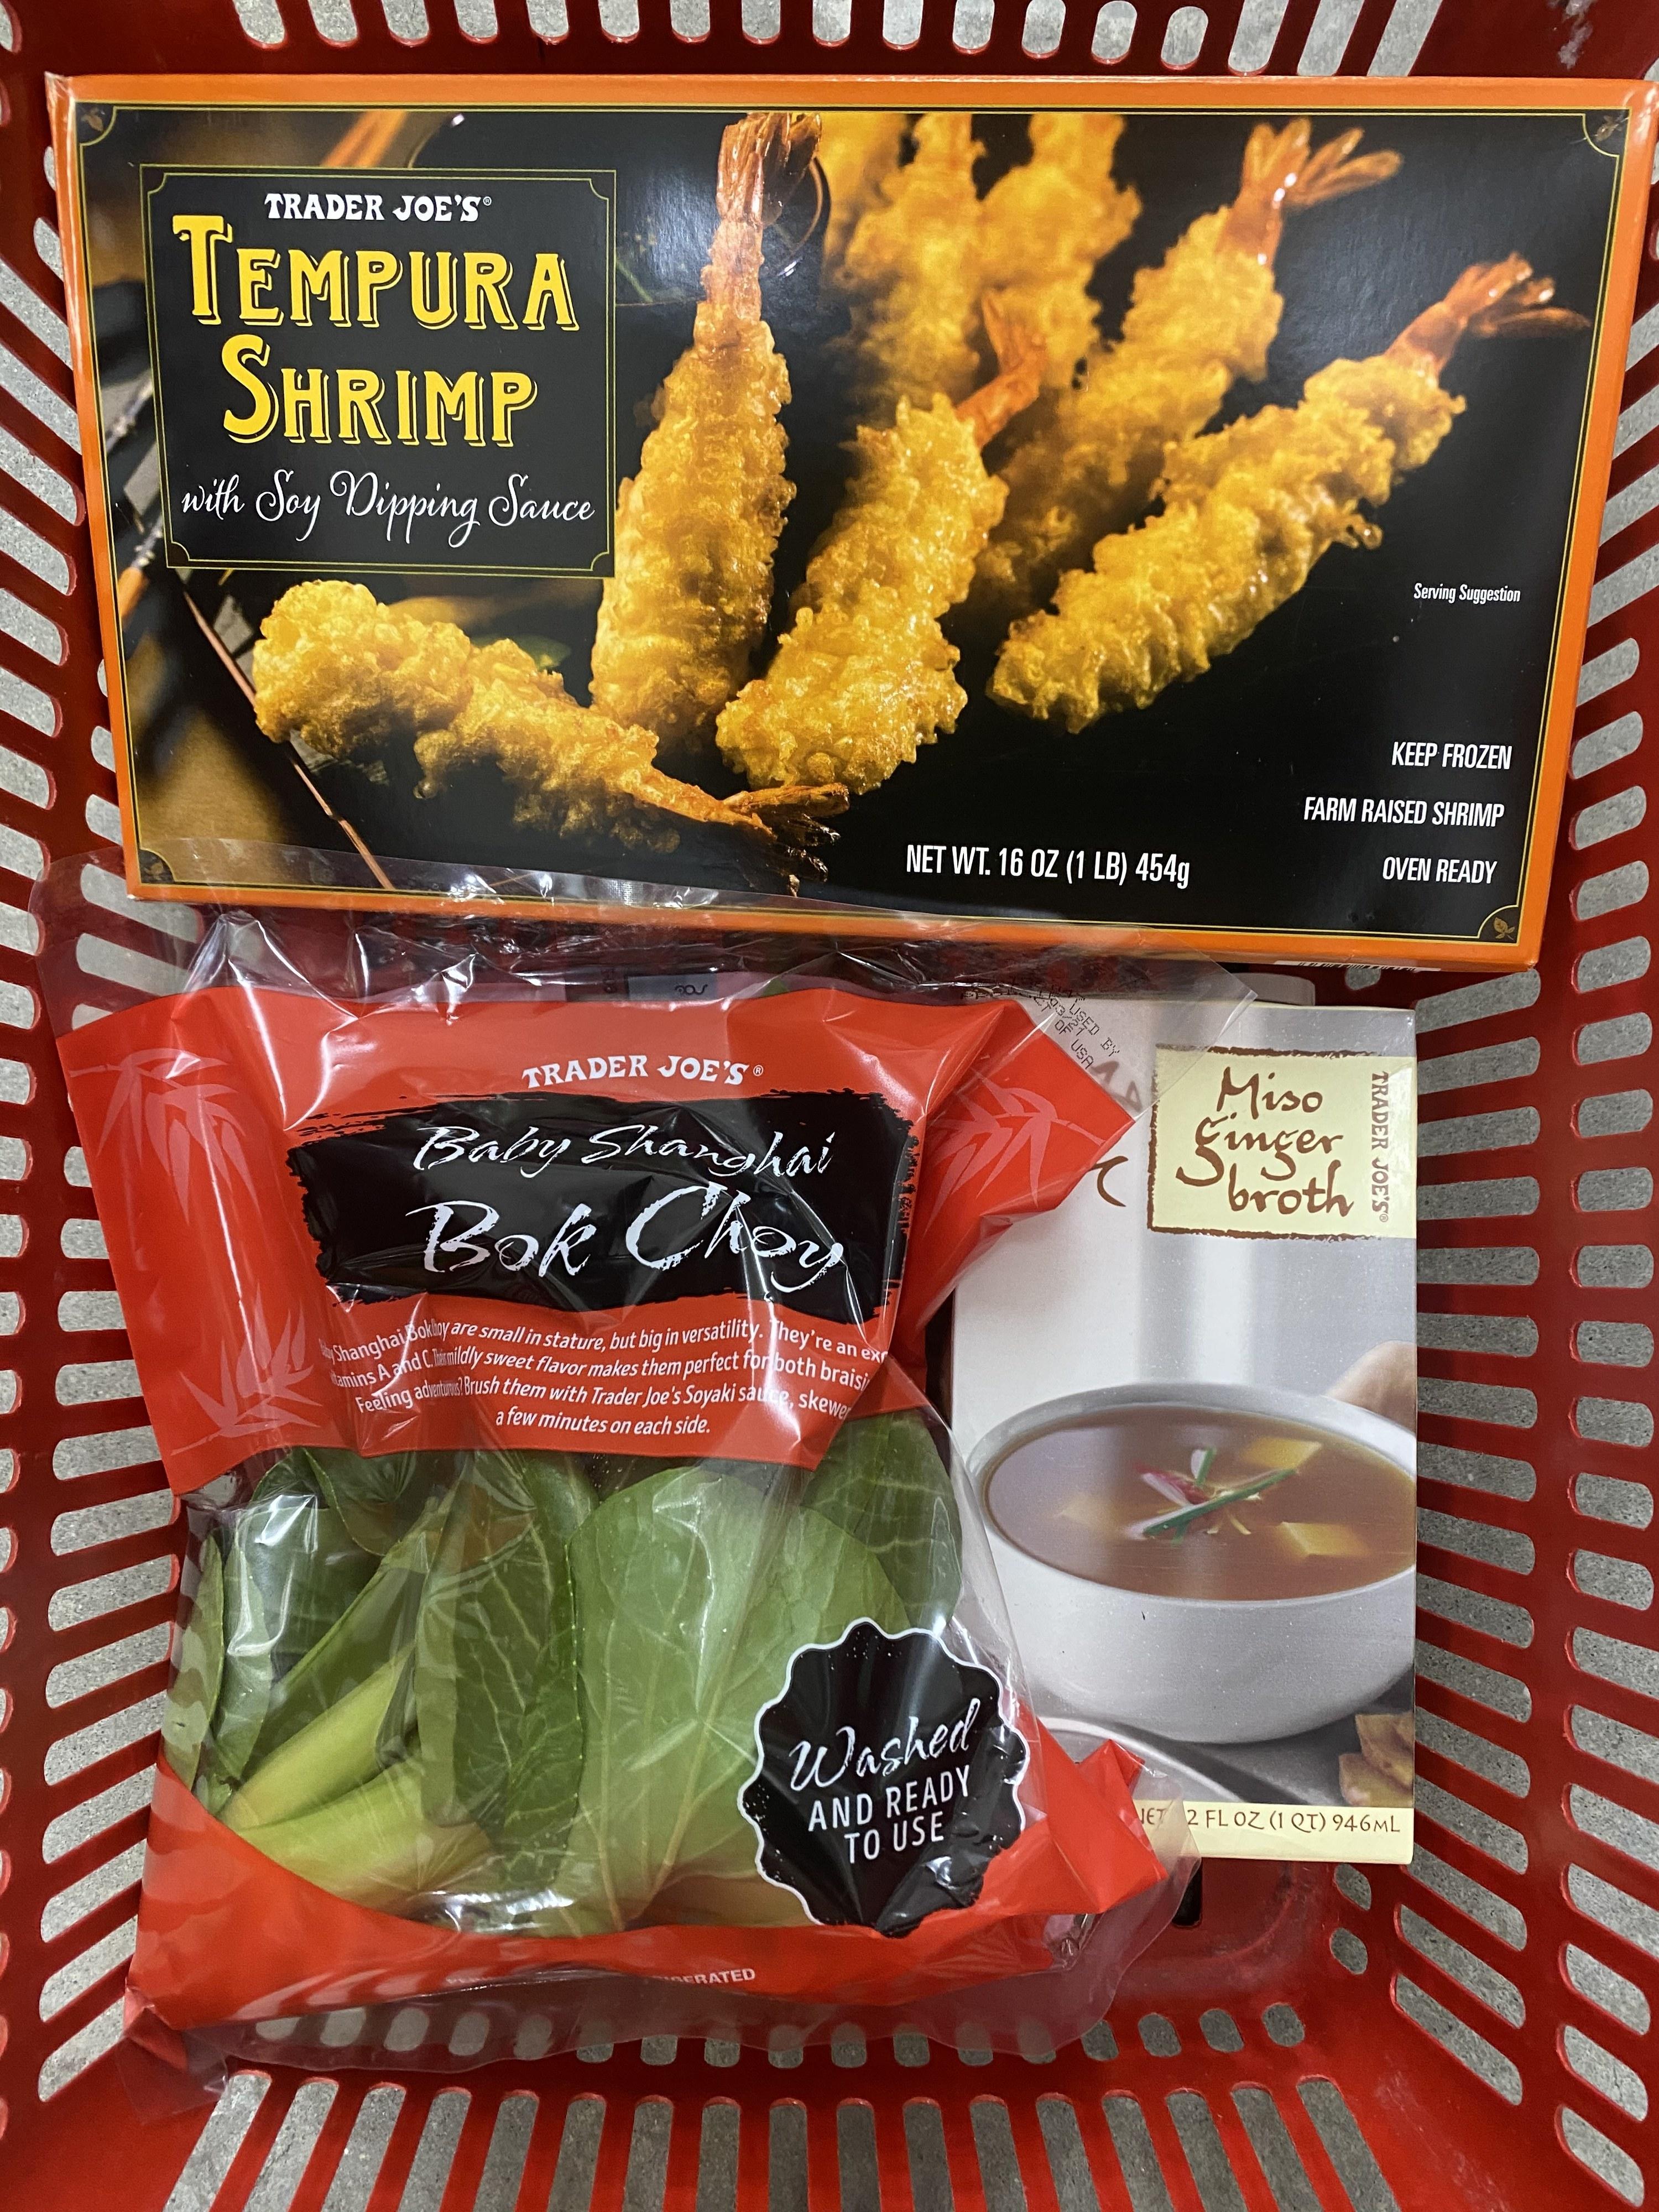 Miso Ginger Broth, Tempura Shrimp, and Baby Shanghai Bok Choy